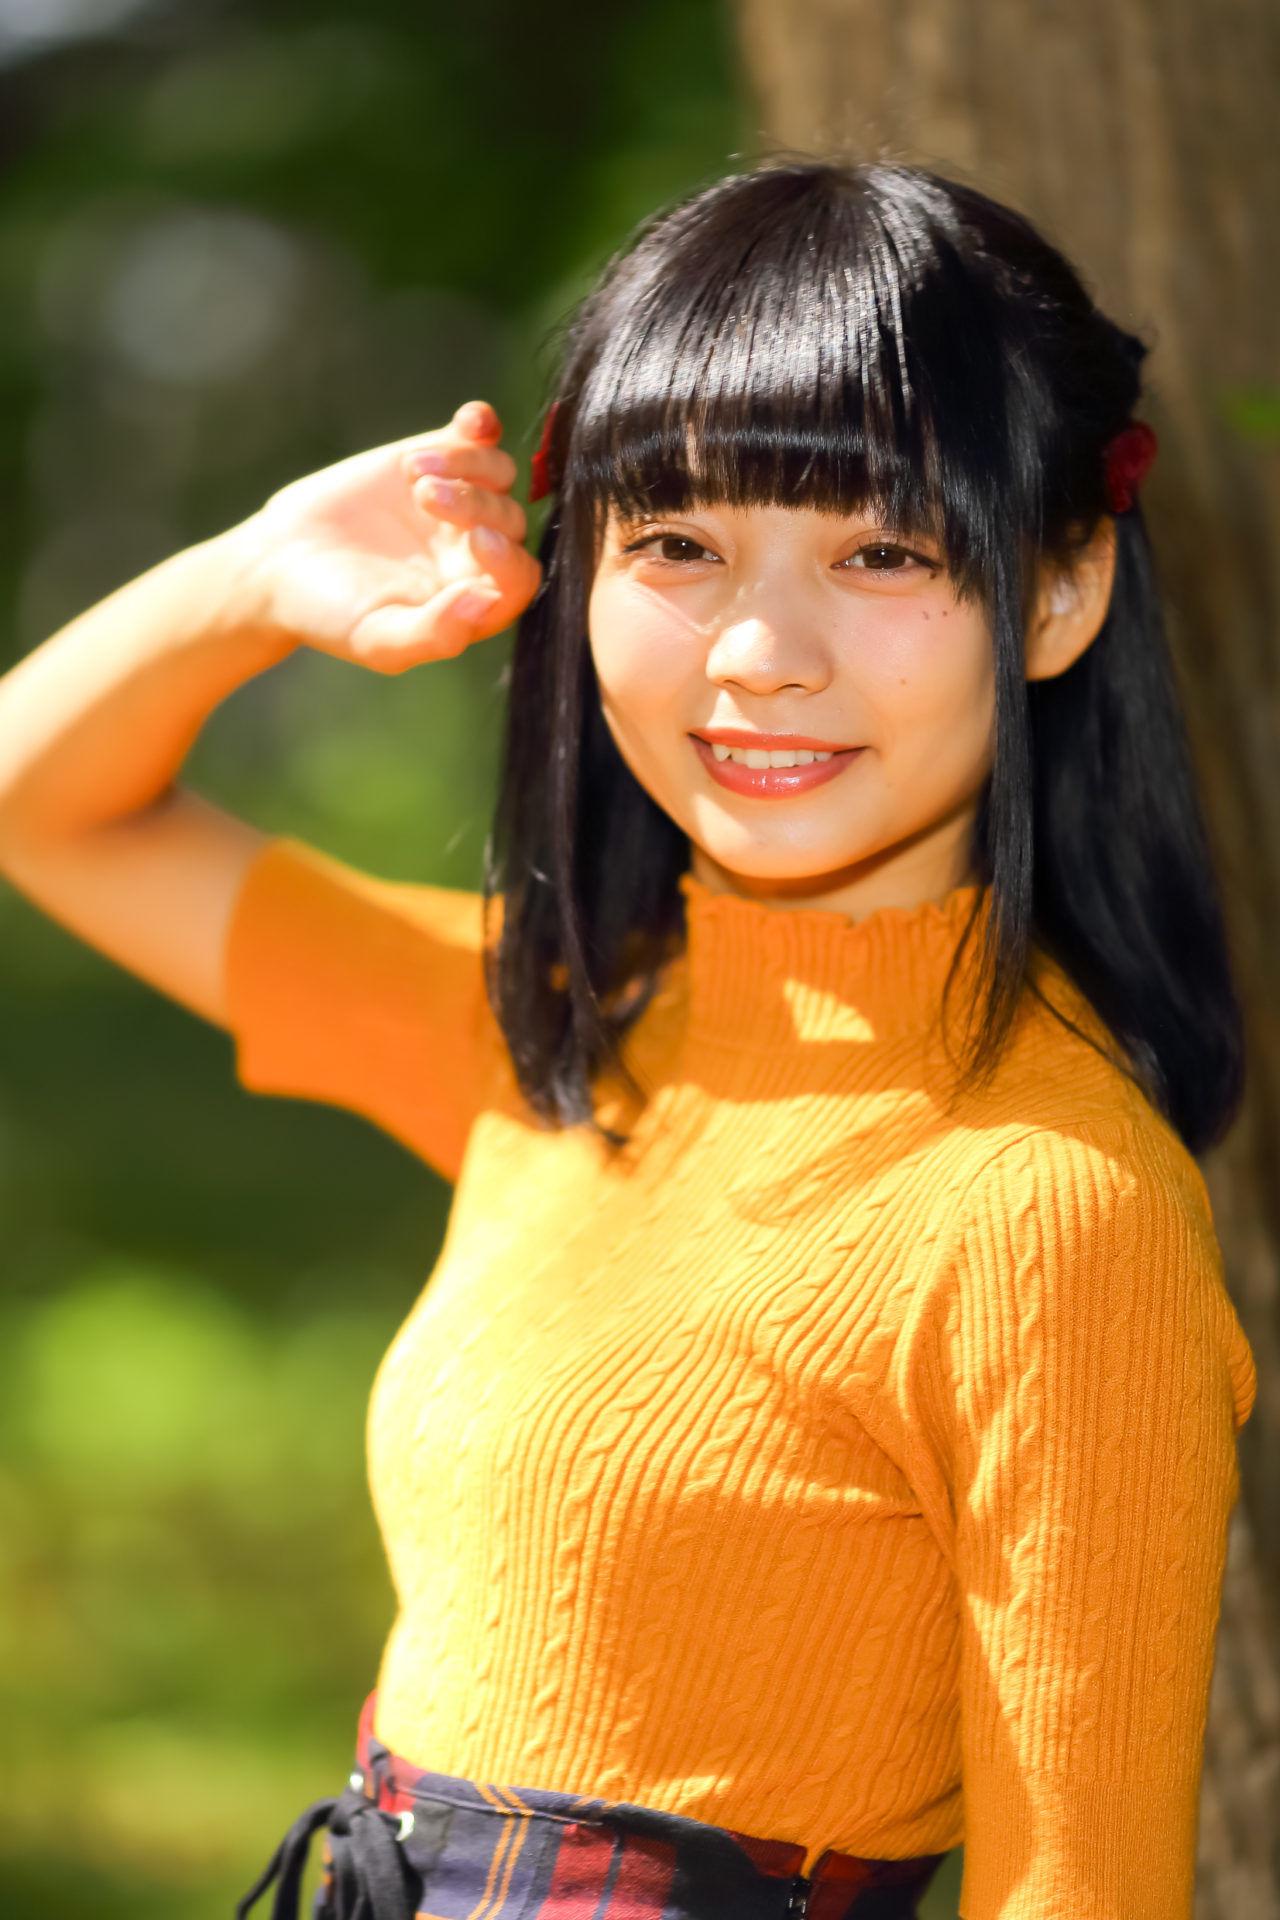 2代目HAPPY少女♪ ゆいな ( 宮崎ゆいな ) | モデルプロ豊平公園撮影会